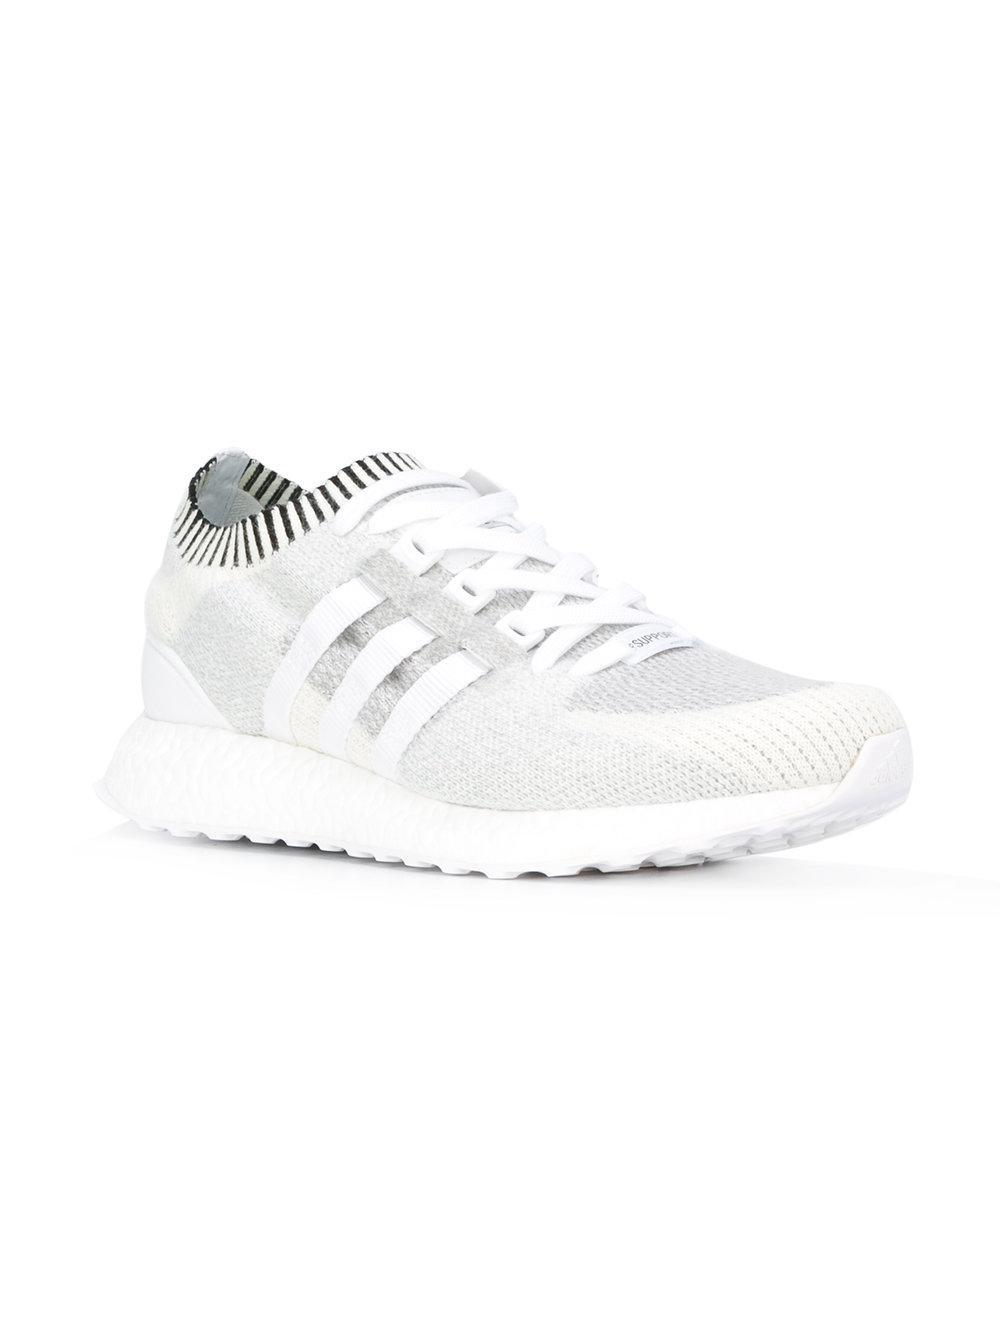 Lyst adidas Originals EQT Support ultra PK zapatillas gris